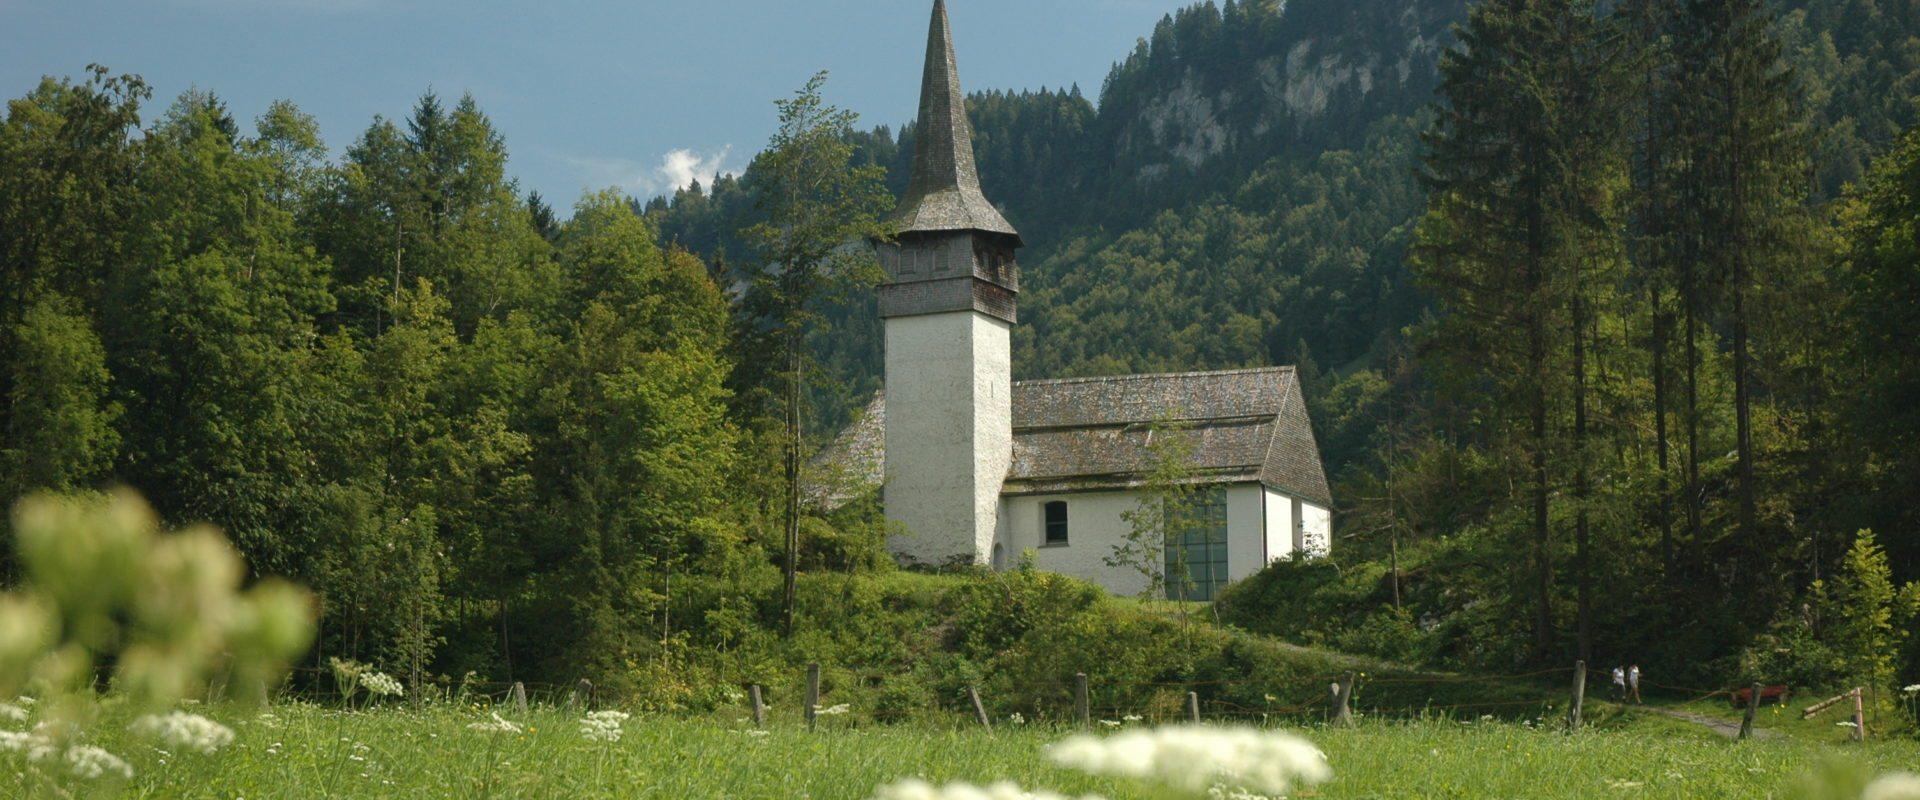 Kirche Sommer_Reuthe